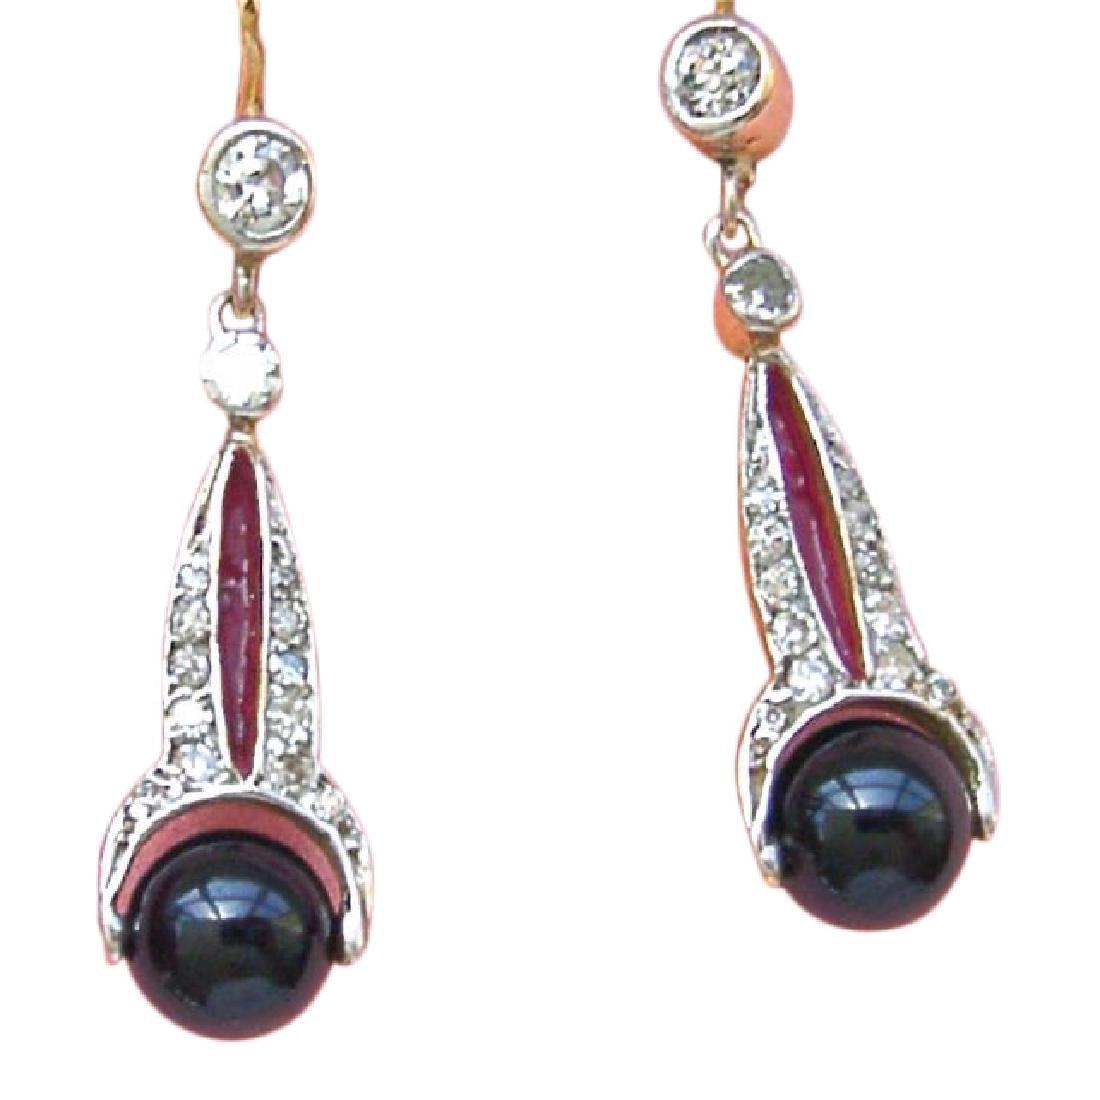 Art Deco 18K Diamond Onyx Spinning Balls Earrings